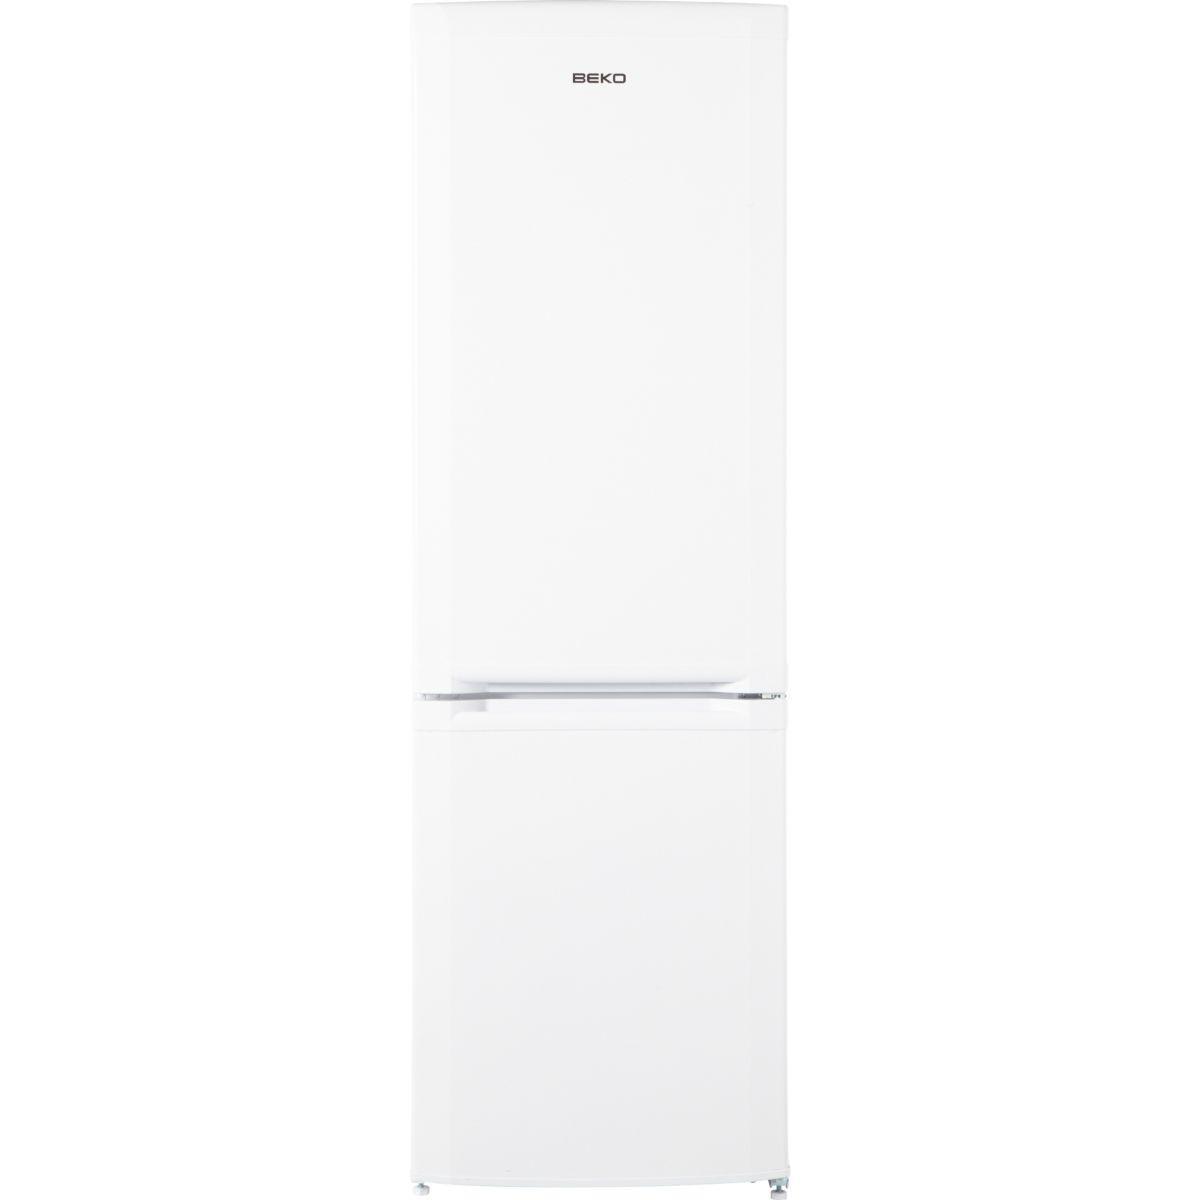 Réfrigérateur congélateur en bas beko csa29020 - 2% de remise : code gam2 (photo)